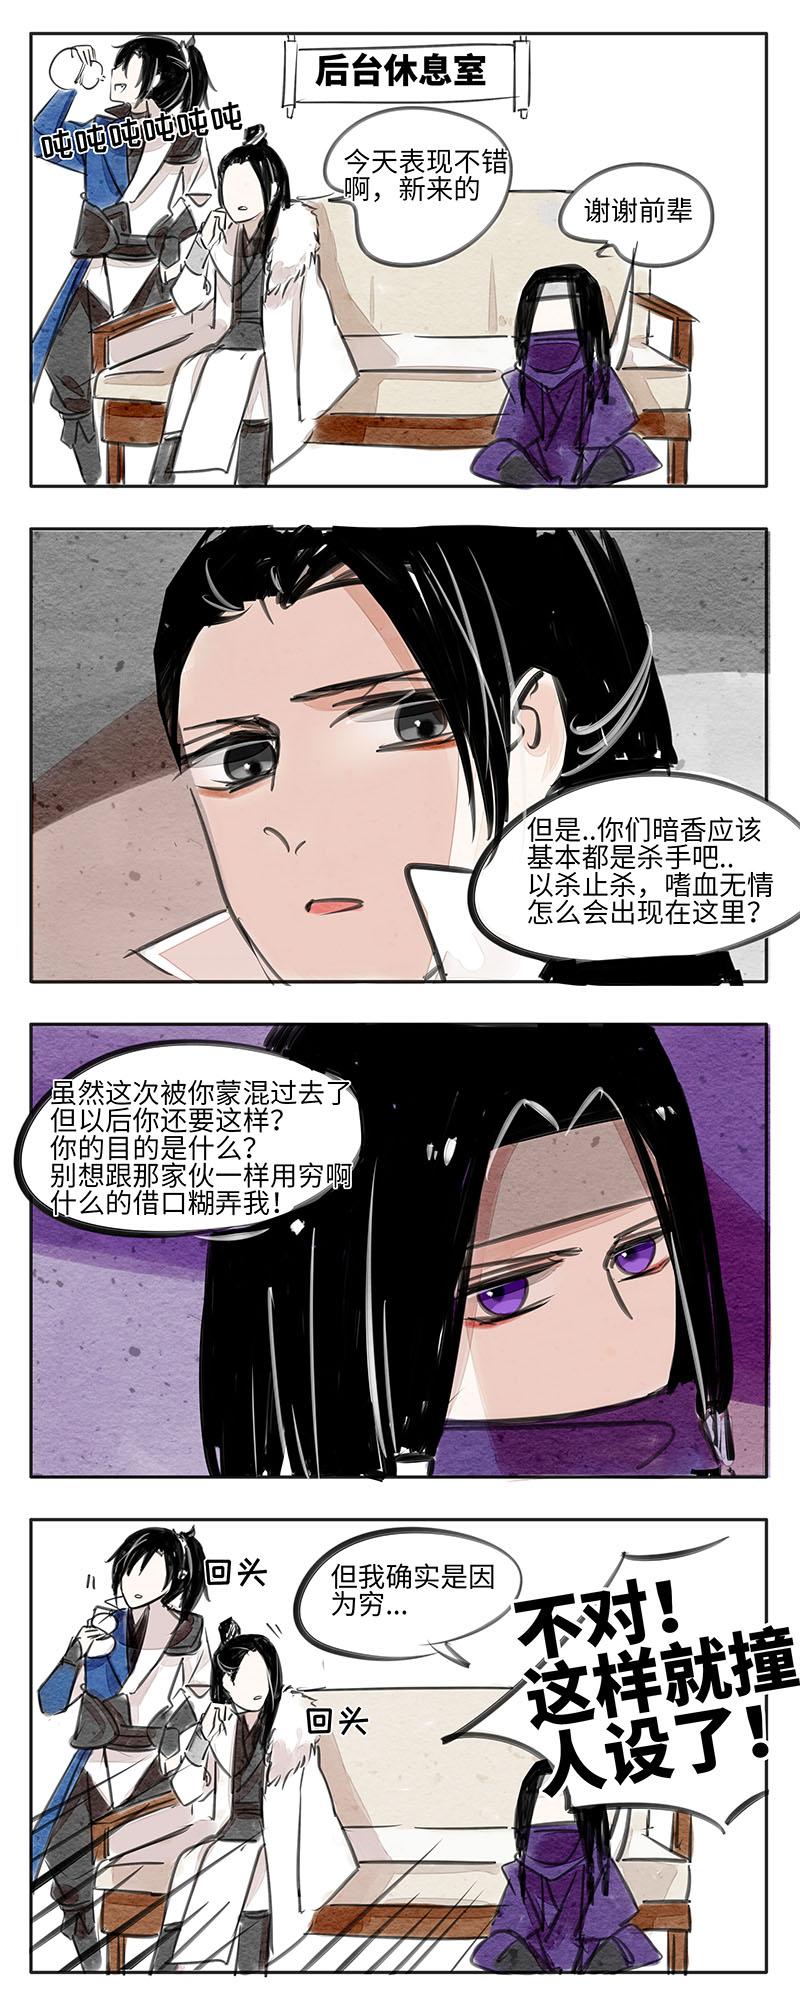 【原创作者联盟】【漫画学院】出道吧!一梦江湖!(第一话)(5)